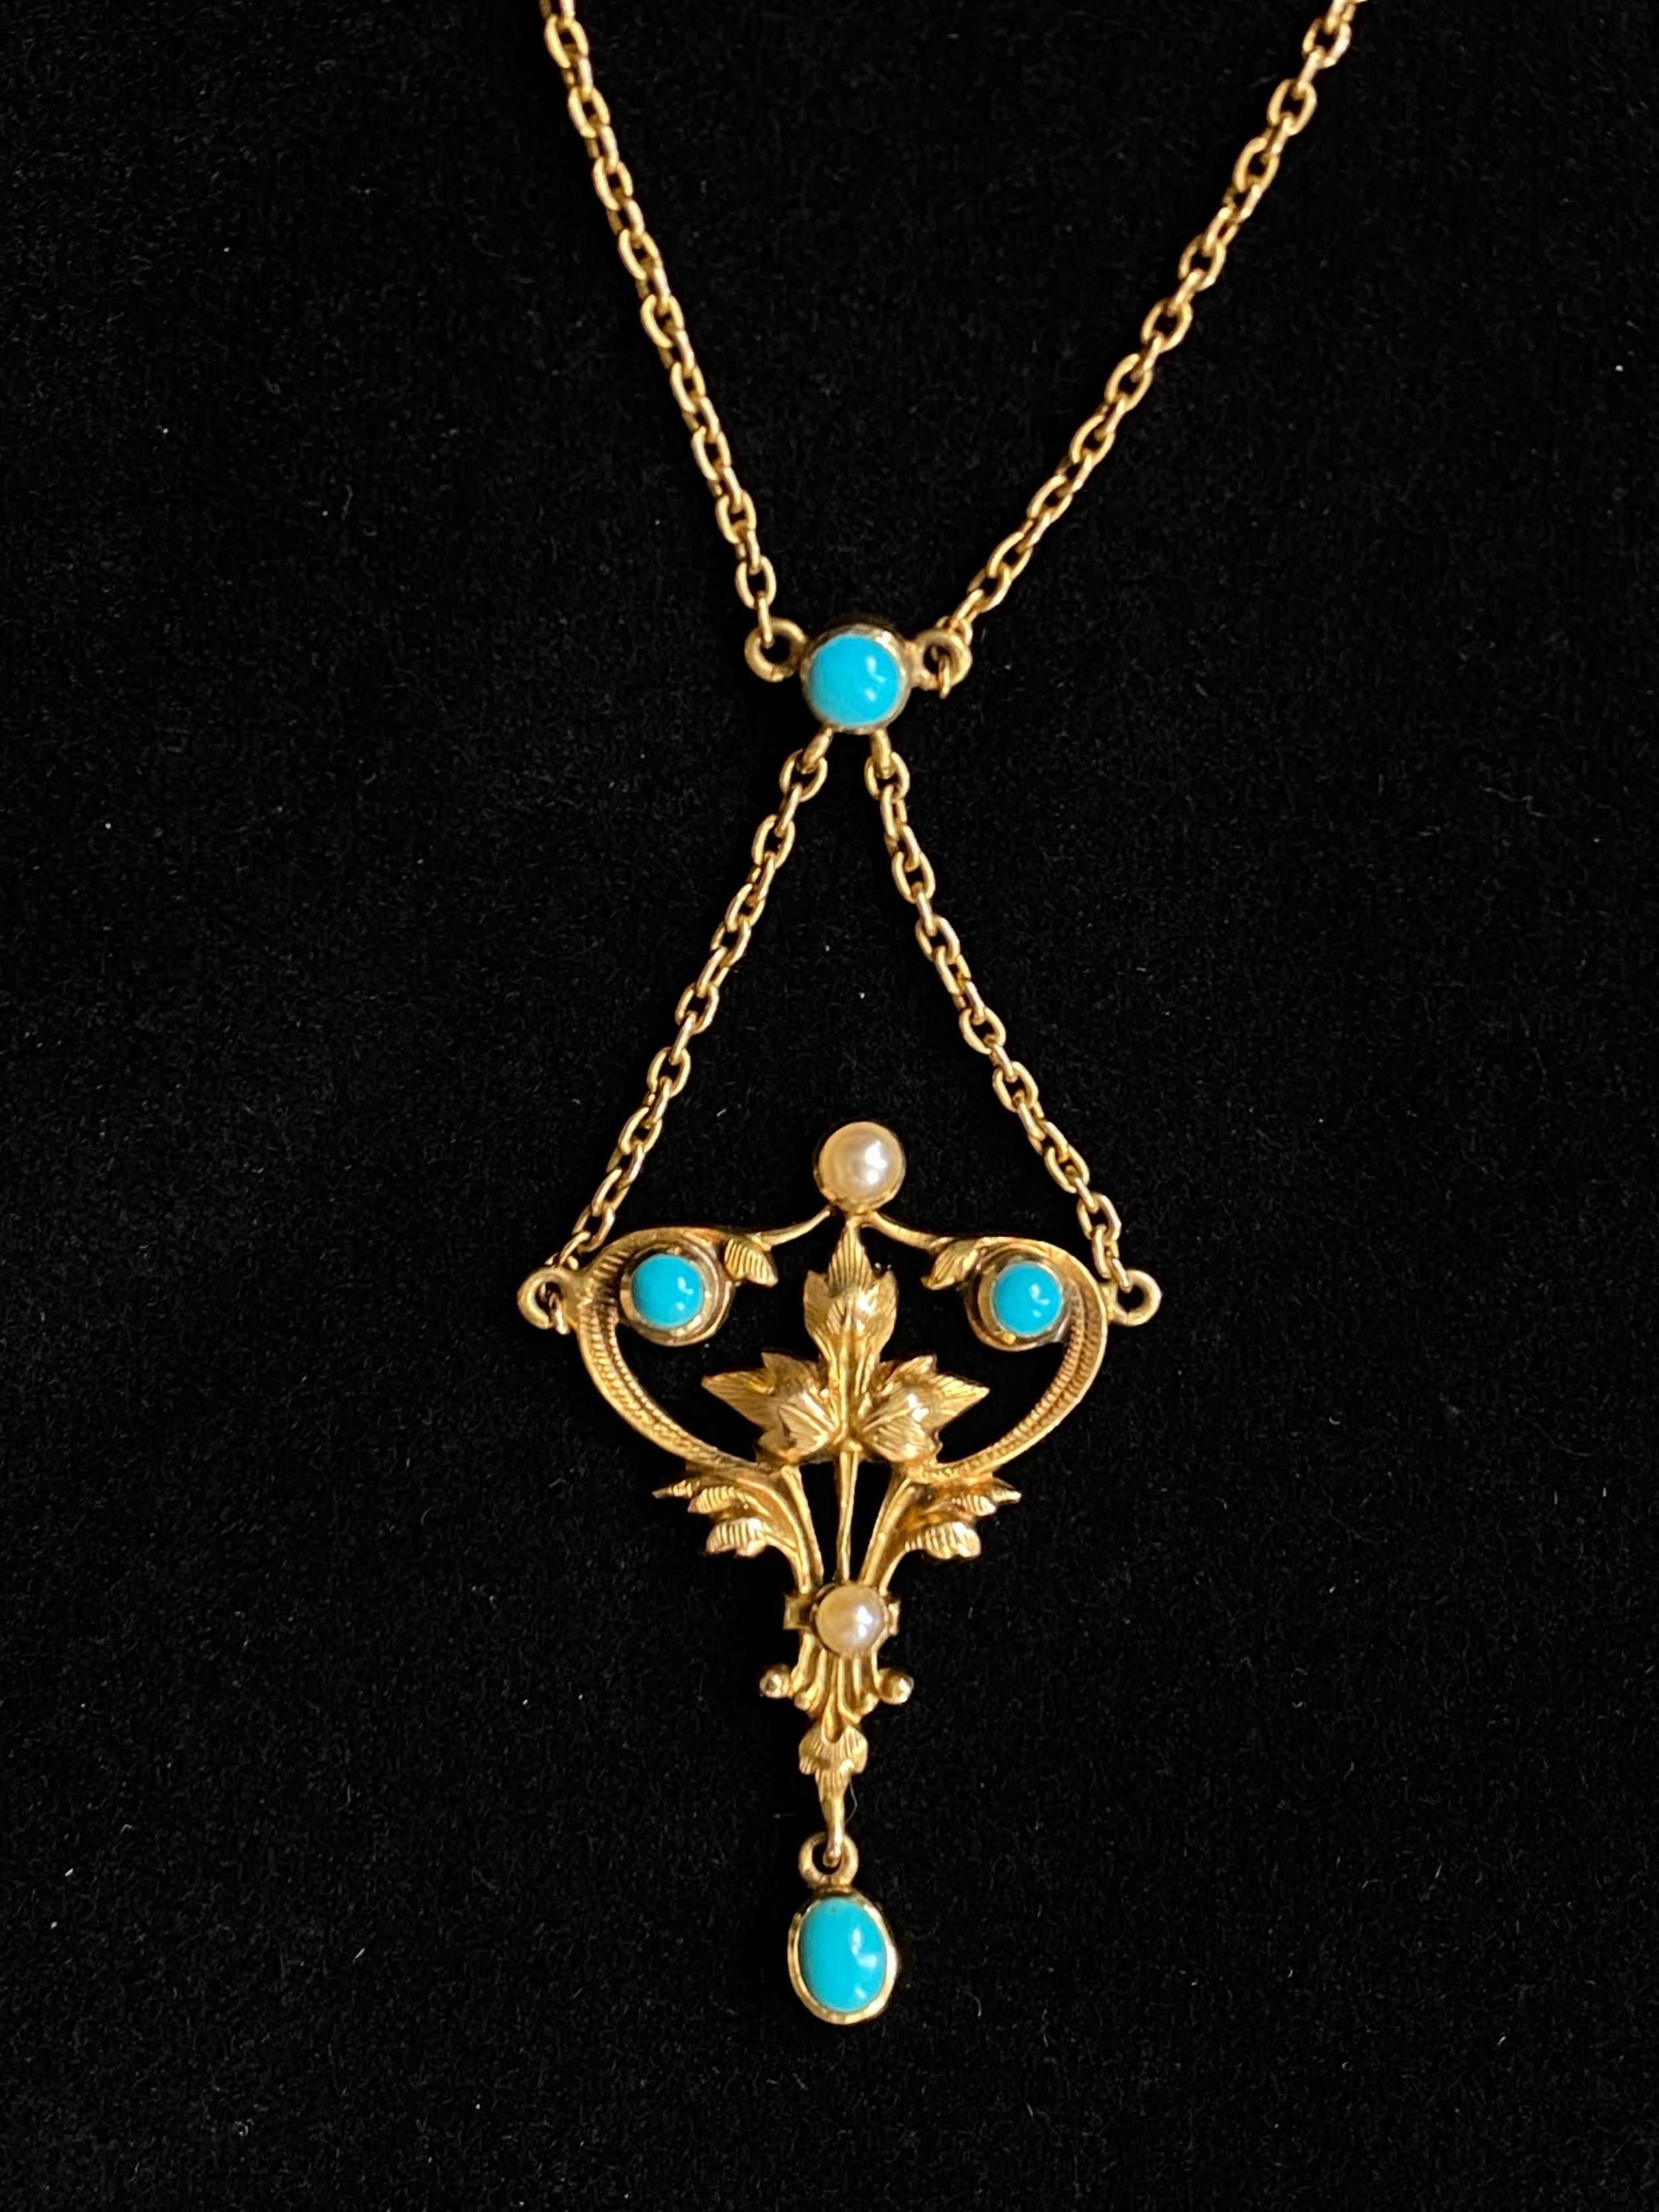 edwardian 15ct turquoise pendant